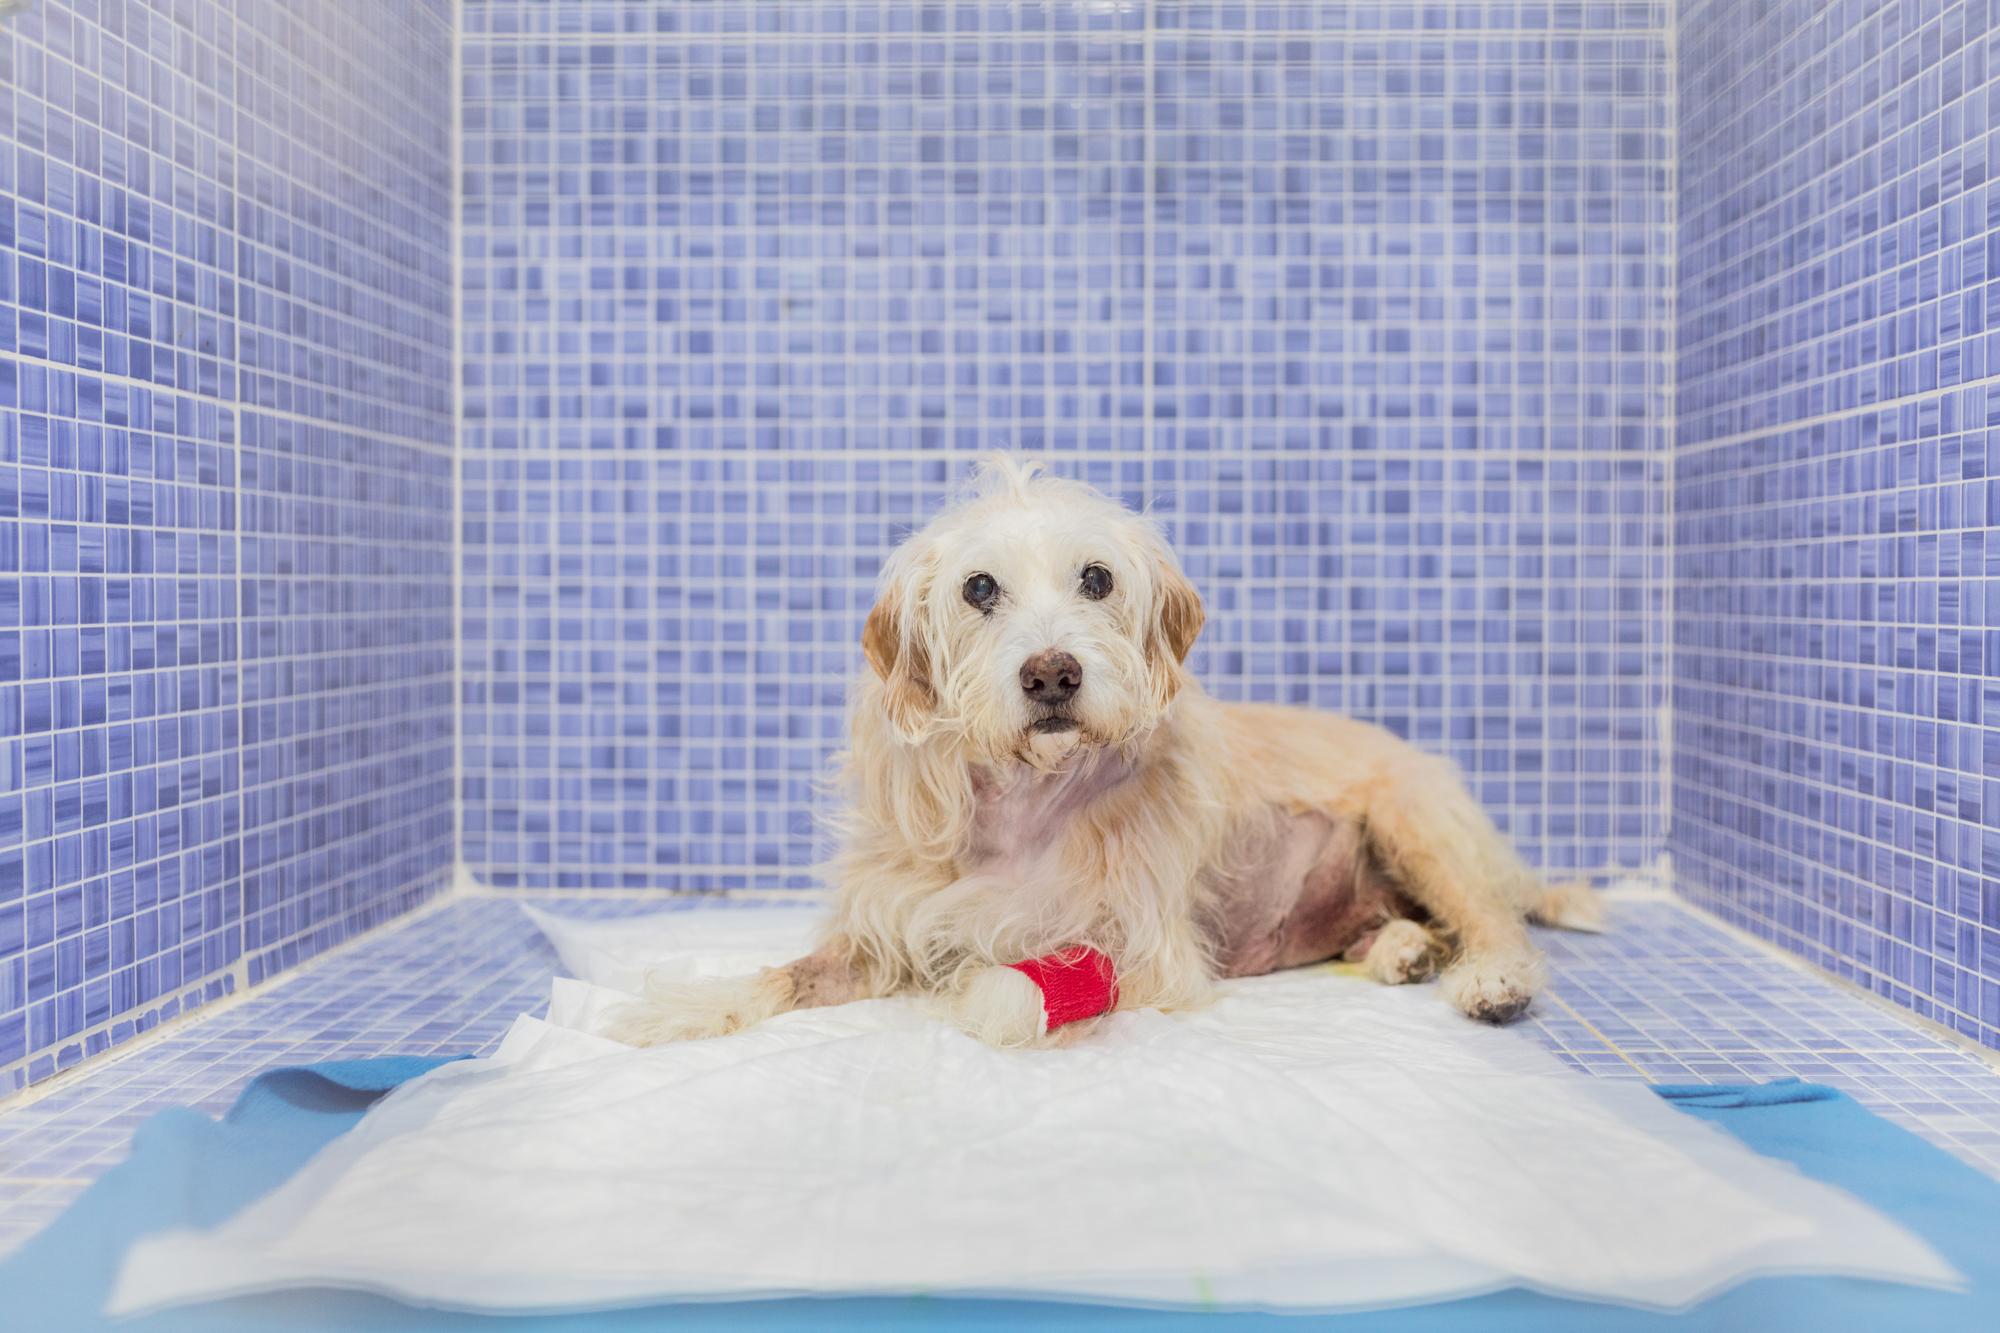 cirugía por desgarro en la pared abdominal de un perro 1